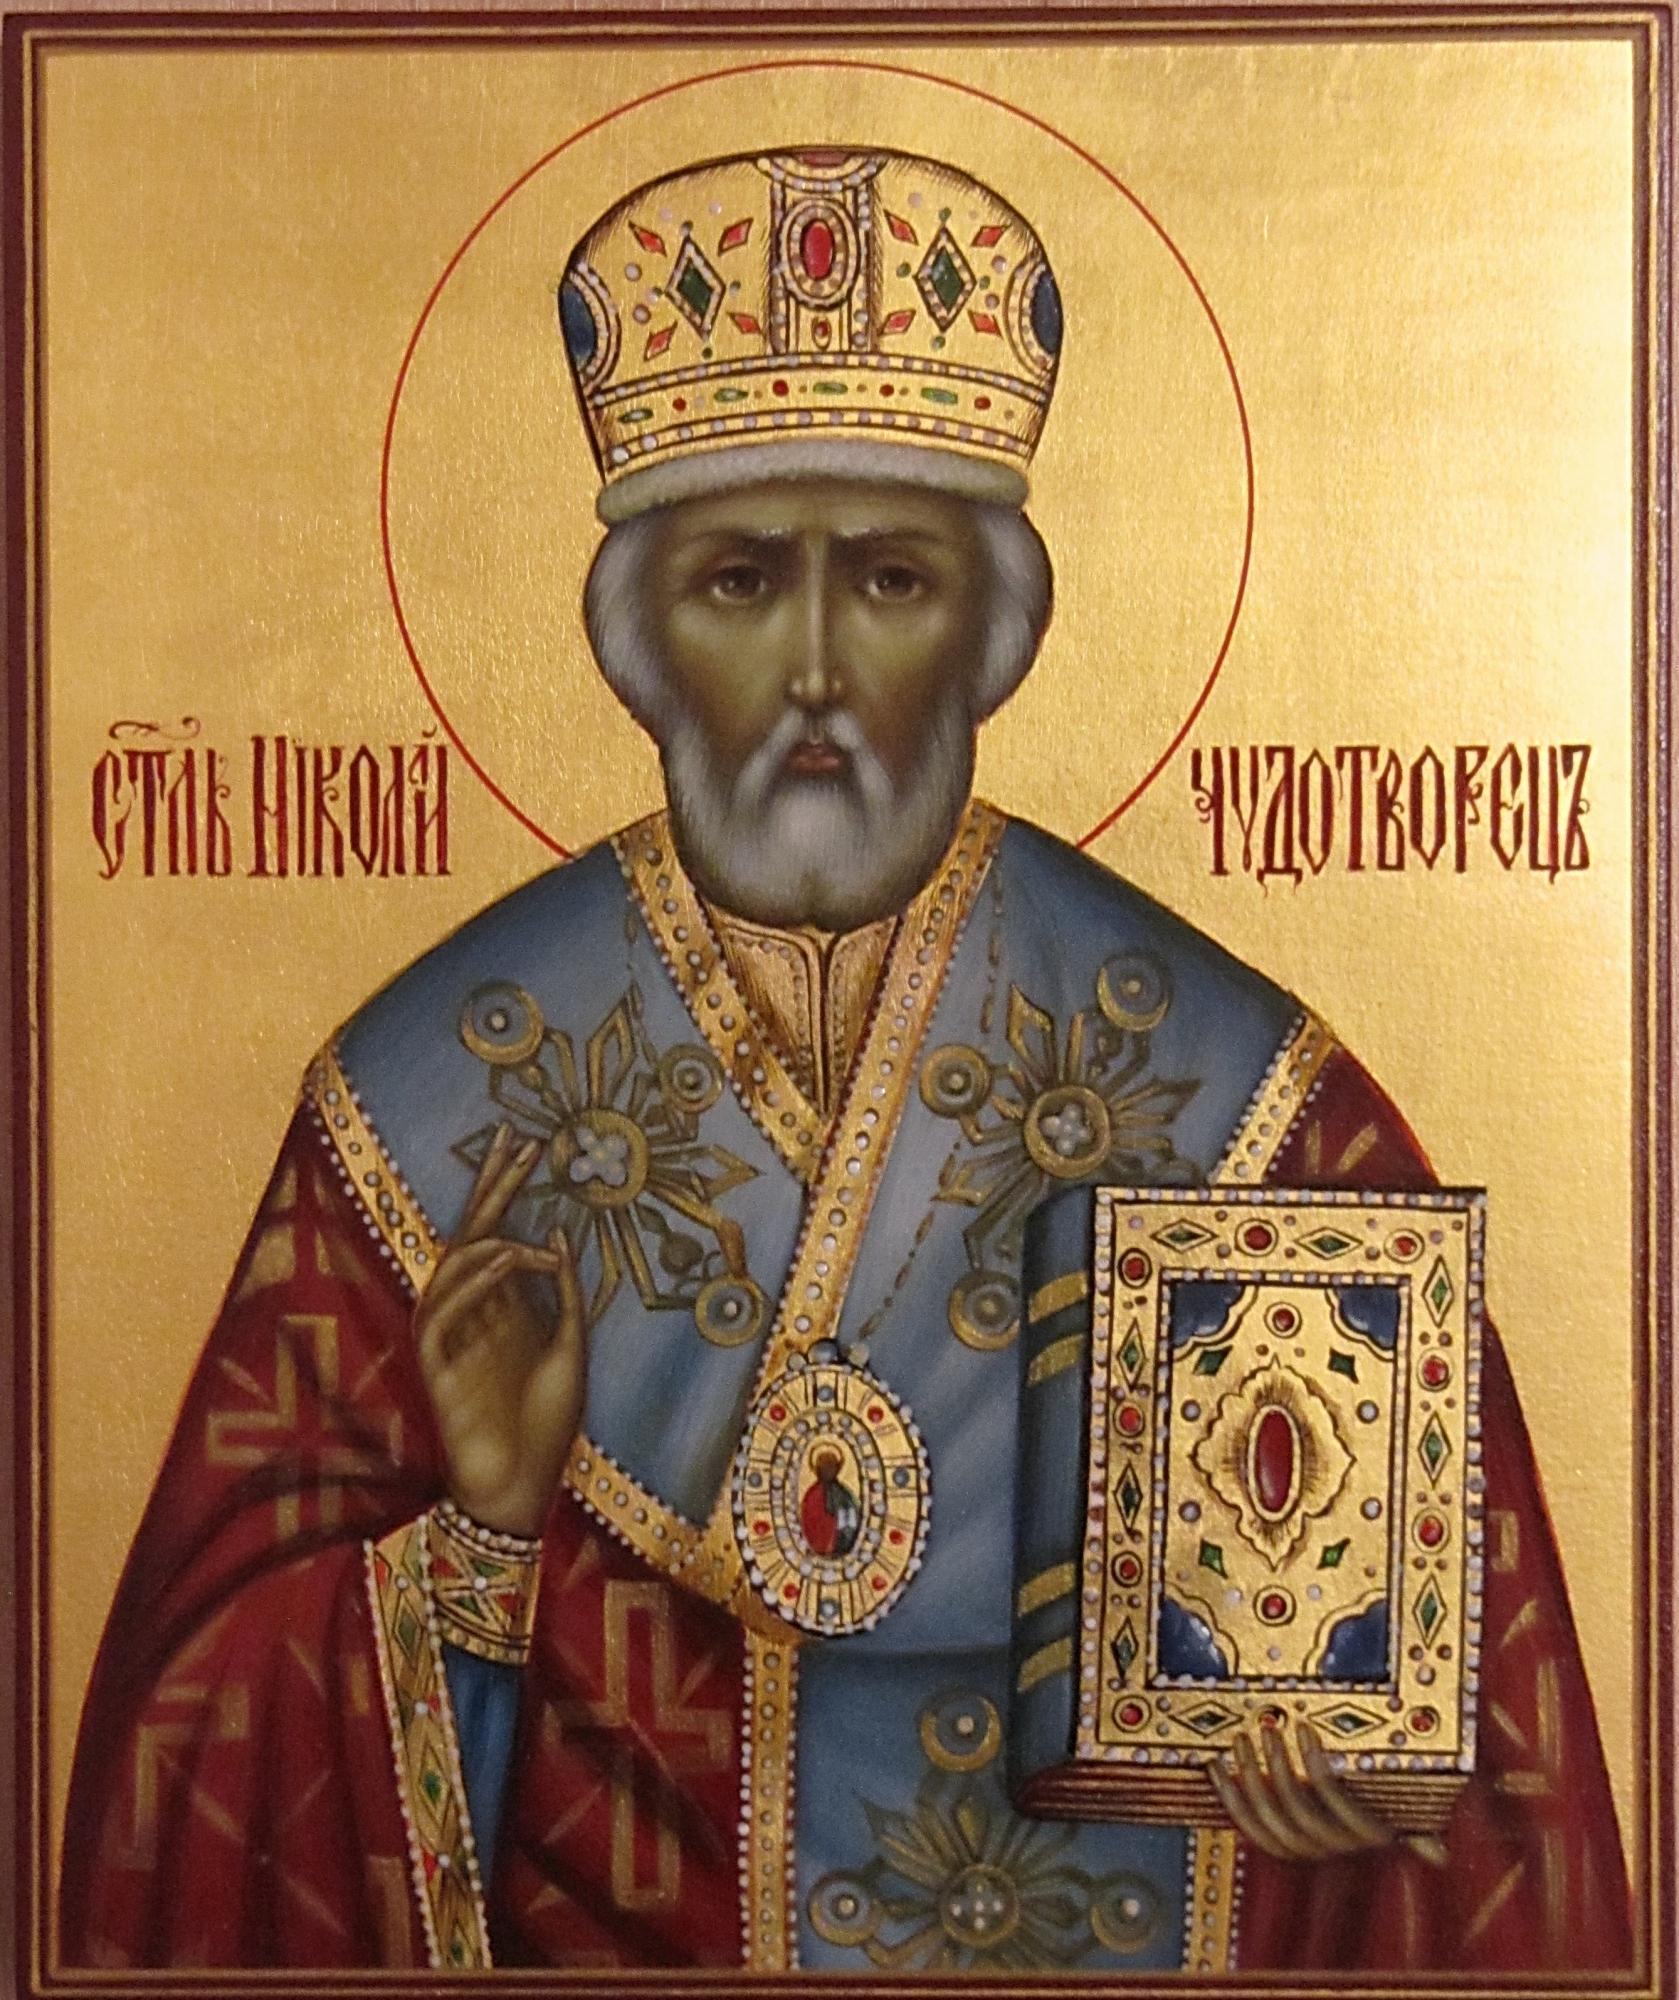 19 декабря 2019 года отмечается День святого Николая